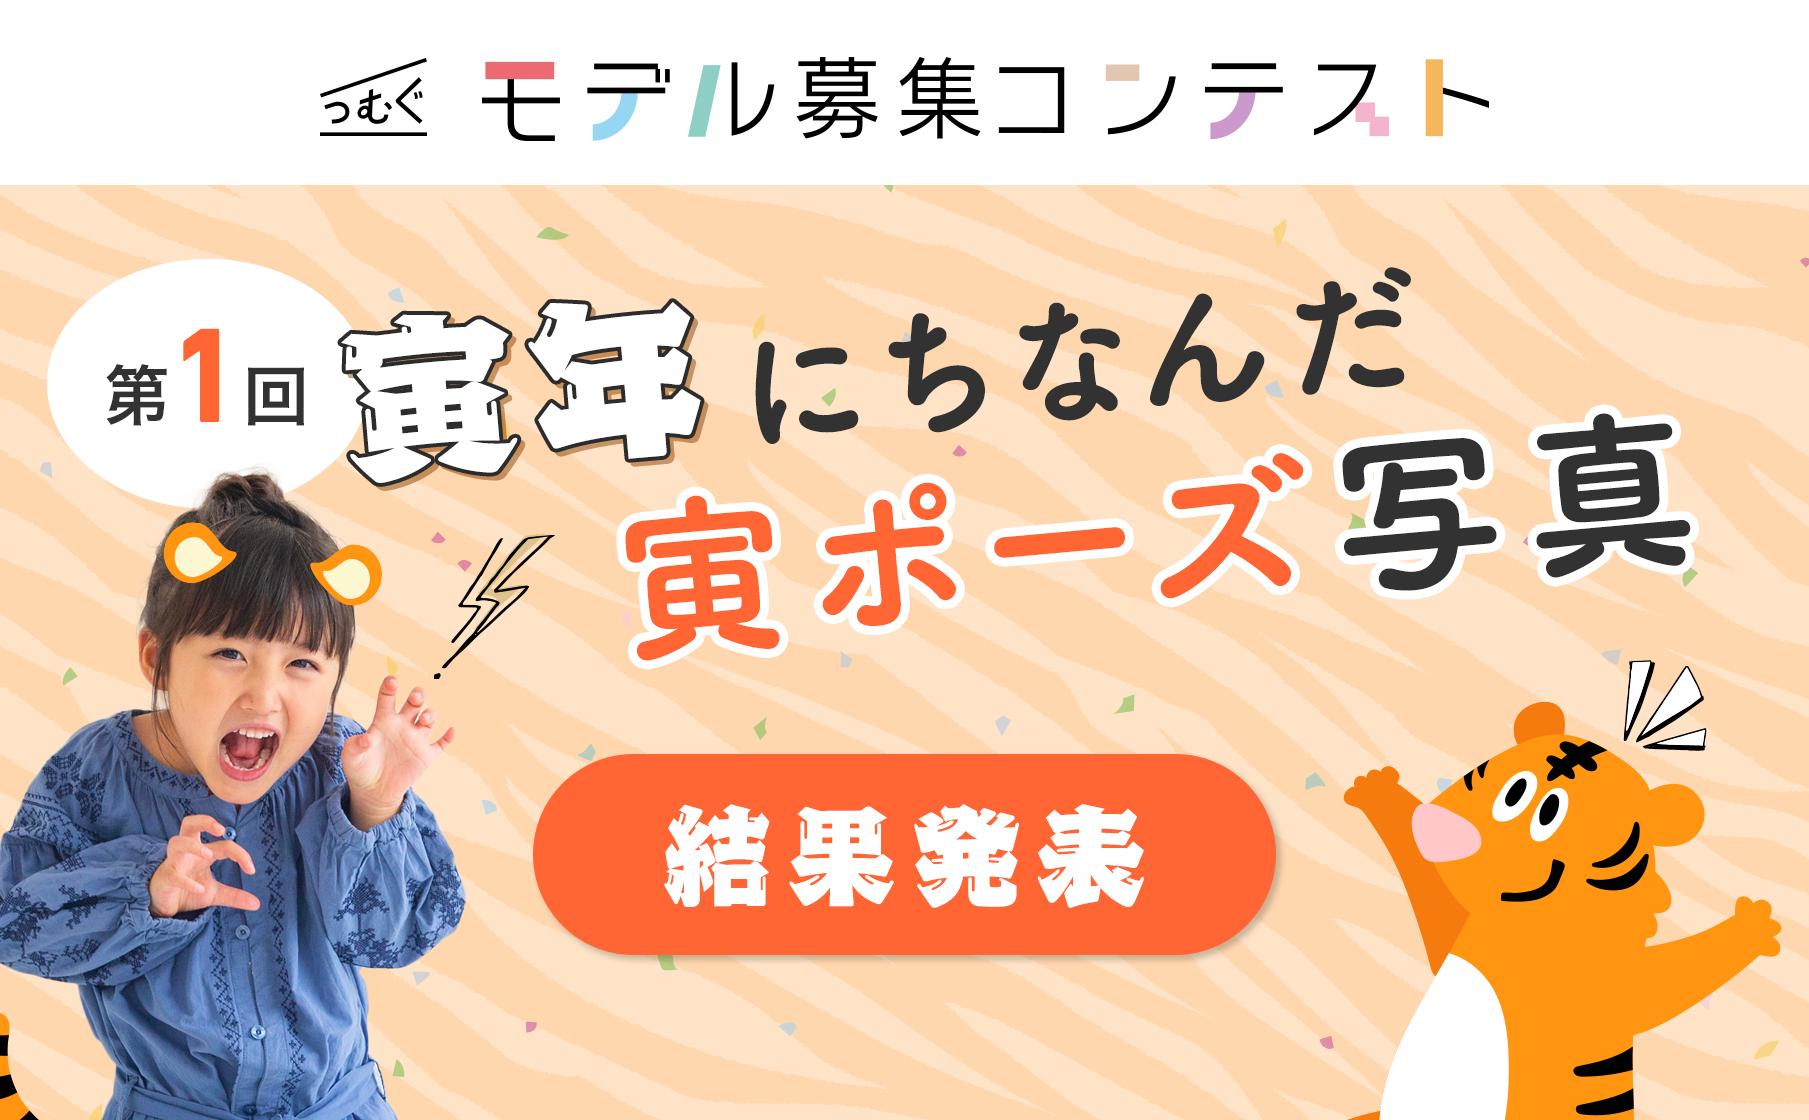 【つむぐポストカード】第1期「つむぐモデル募集コンテスト」受賞者決定!